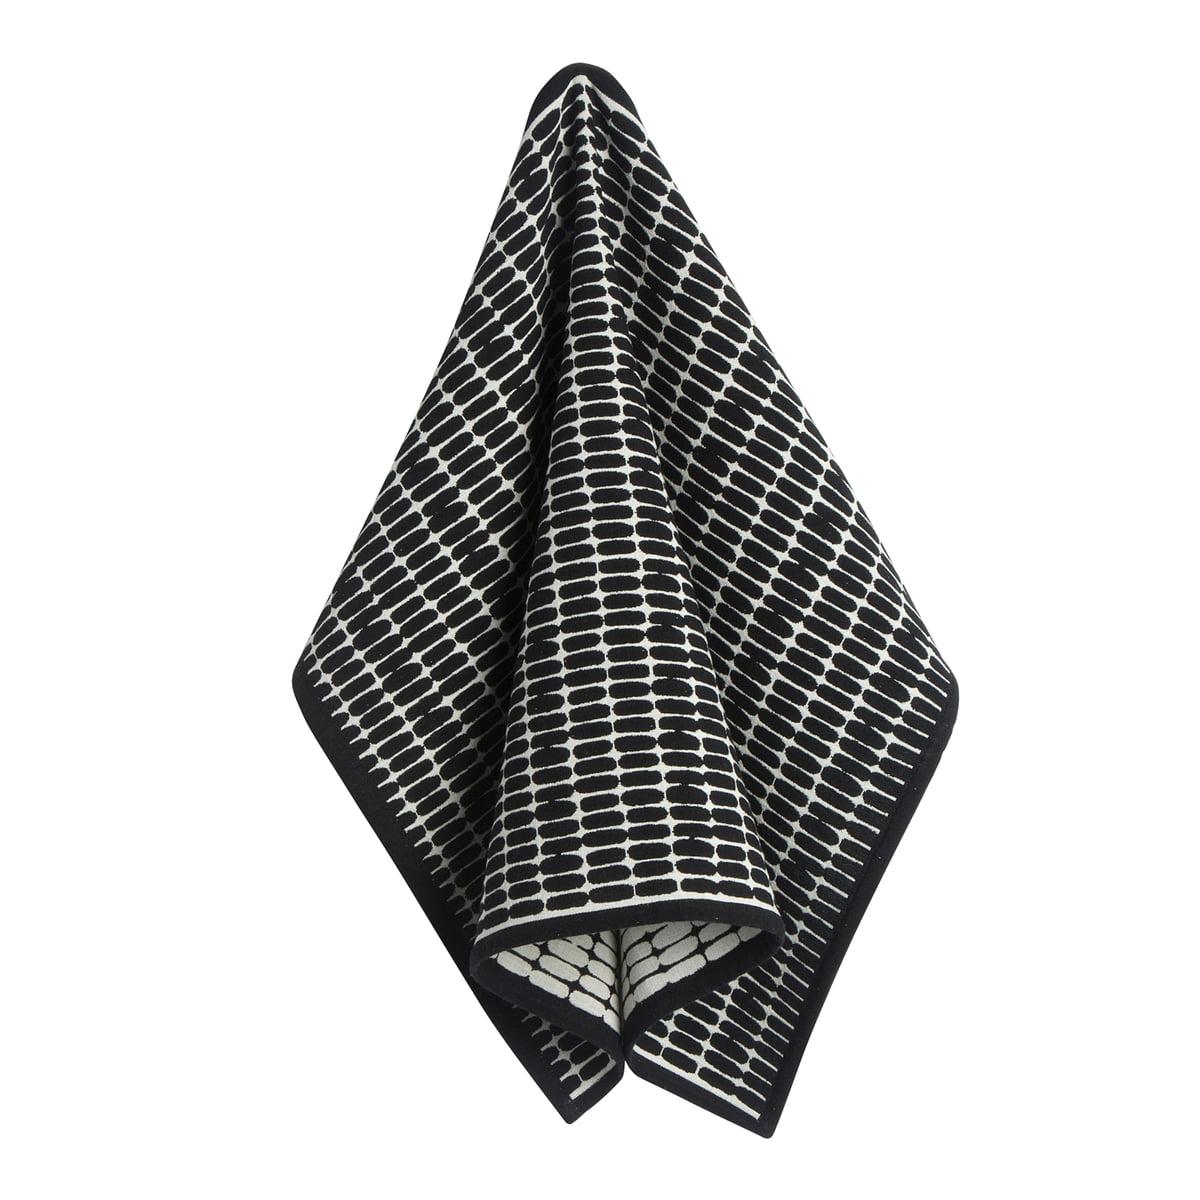 Marimekko - Alku Geschirrtuch, 47 x 70 cm, schwarz / ecru | Küche und Esszimmer > Küchentextilien | Marimekko